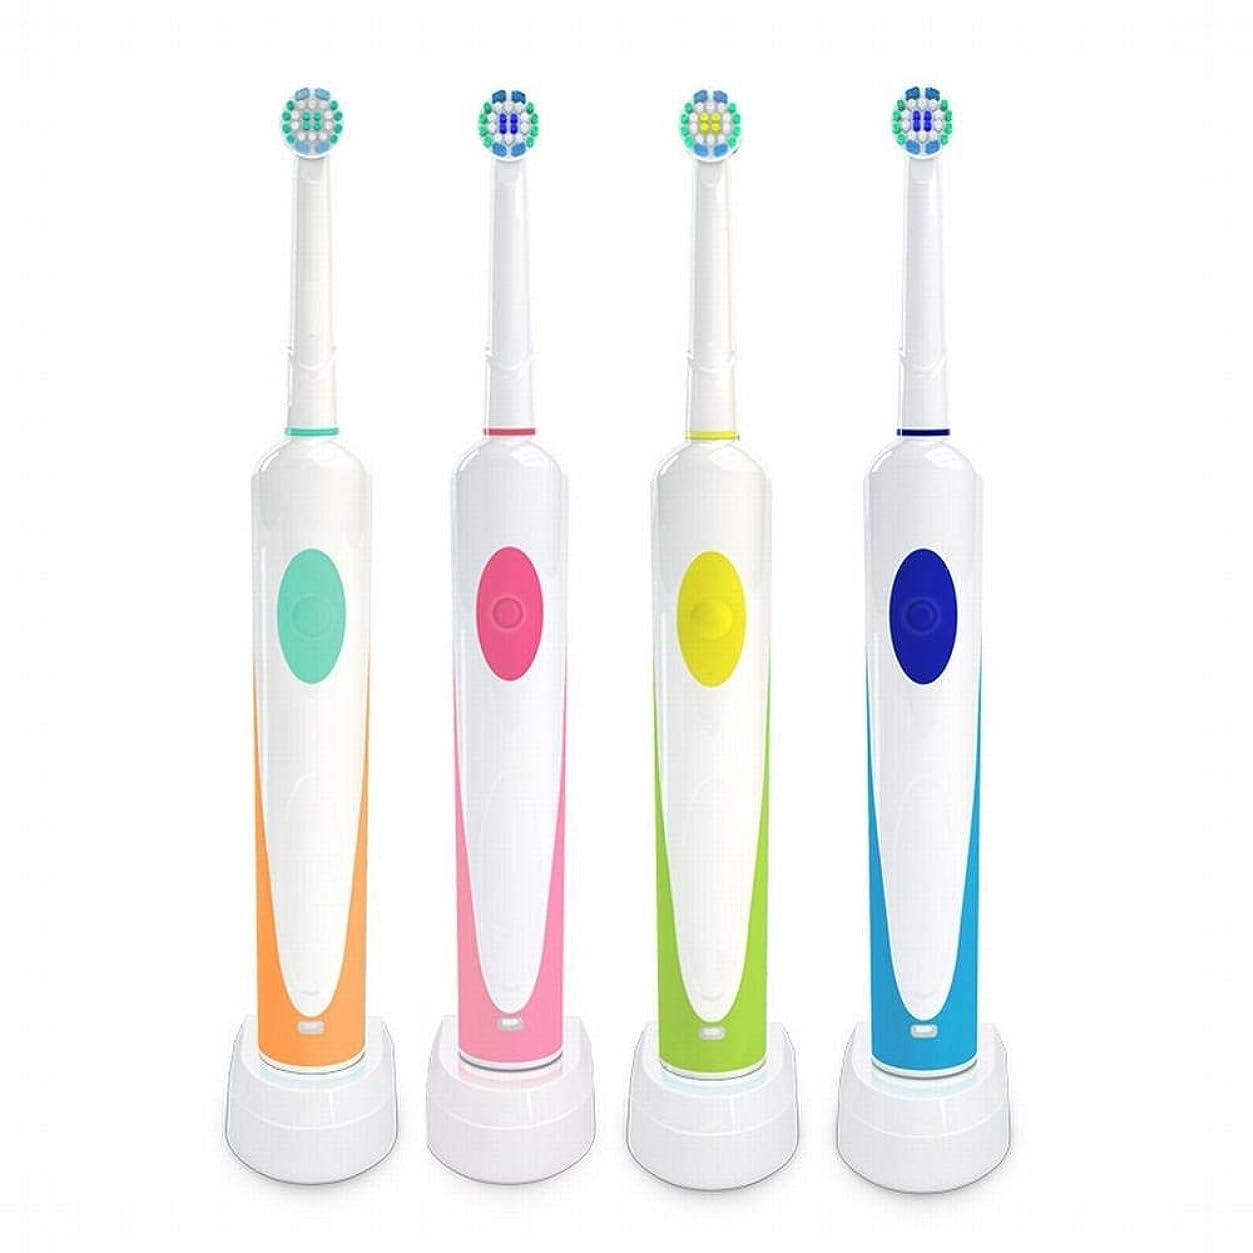 もっともらしい抵当合法BOBIDYEE 電動歯ブラシ全自動スマート電動ガム子供用歯ブラシ歯ブラシヘッド電動歯ブラシヘッド (色 : ピンク)